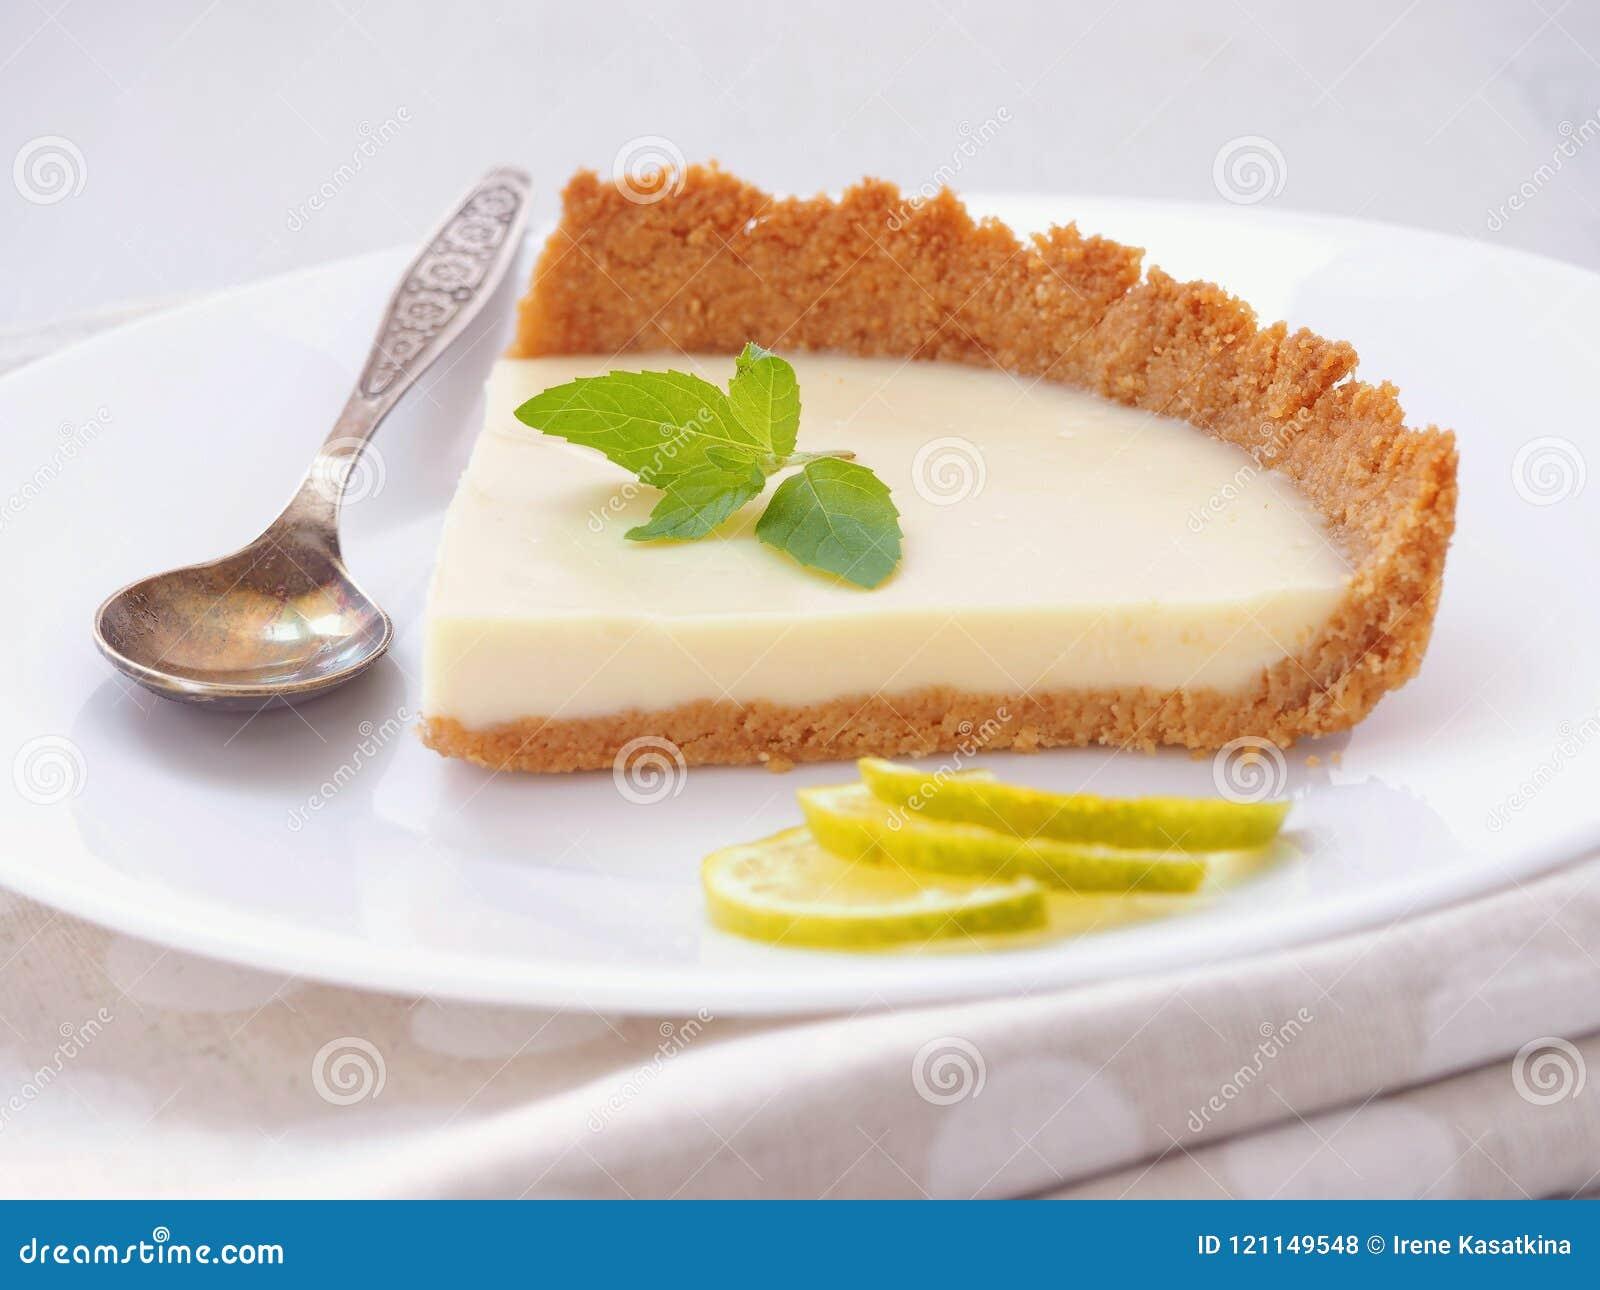 Часть пирога заварного крема с белым шоколадом и ключевой известкой